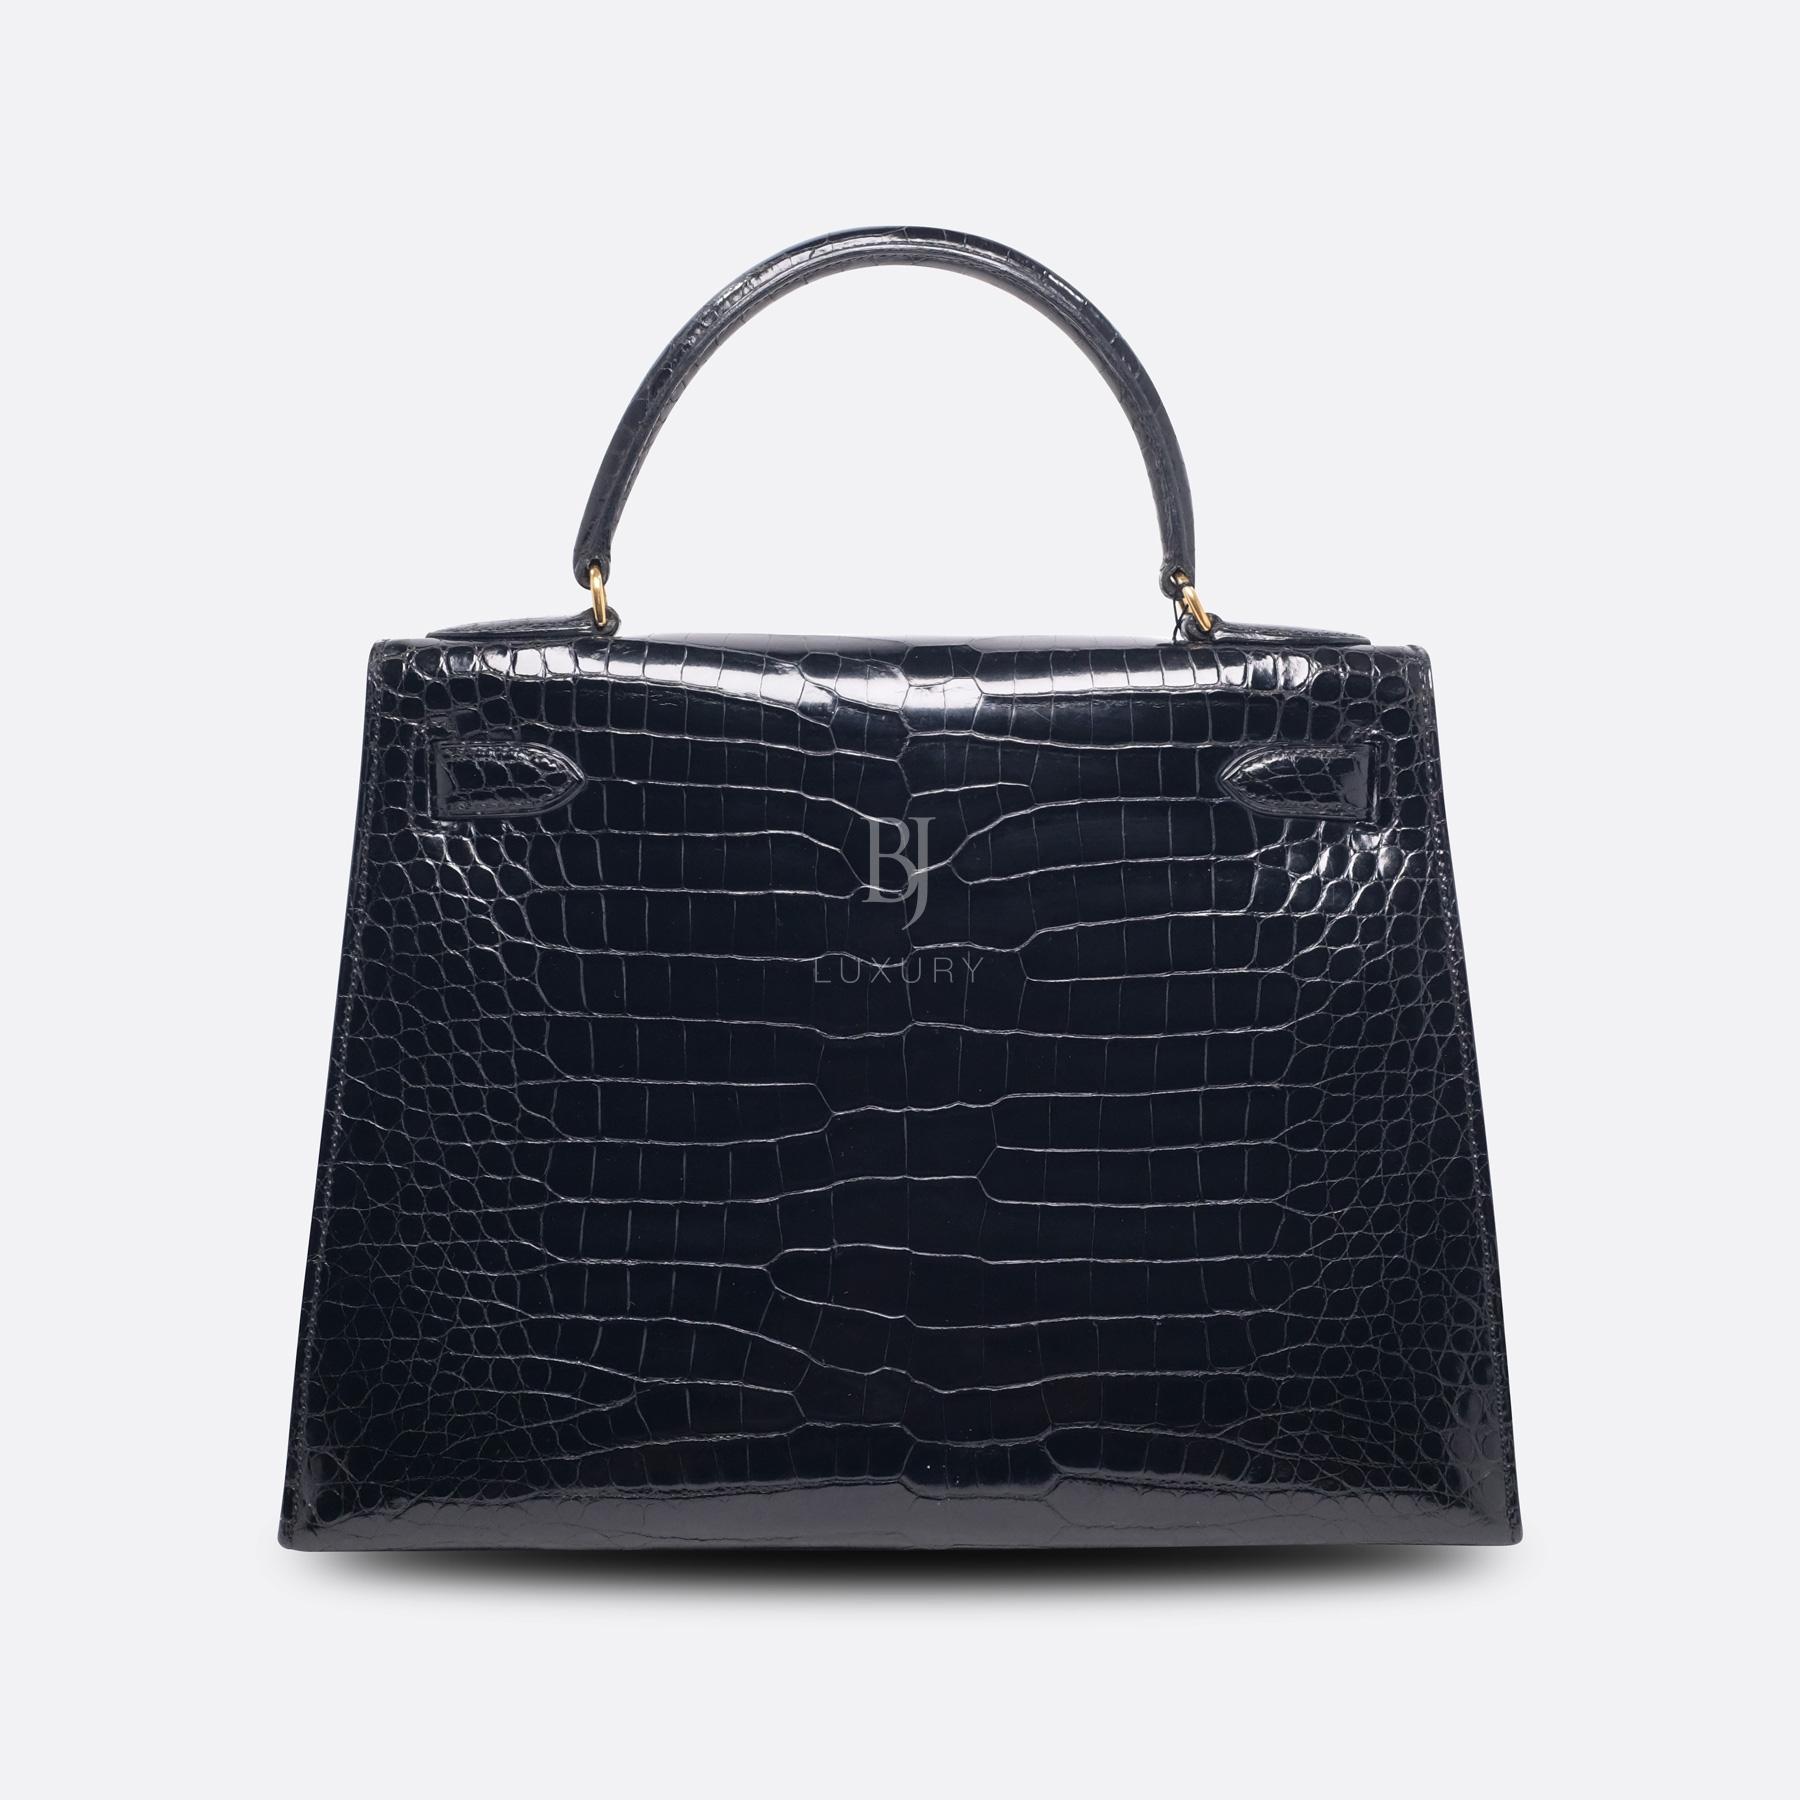 Hermes Kelly Sellier 28 Gold Black Porosus Crocodile BJ Luxury 4.jpg